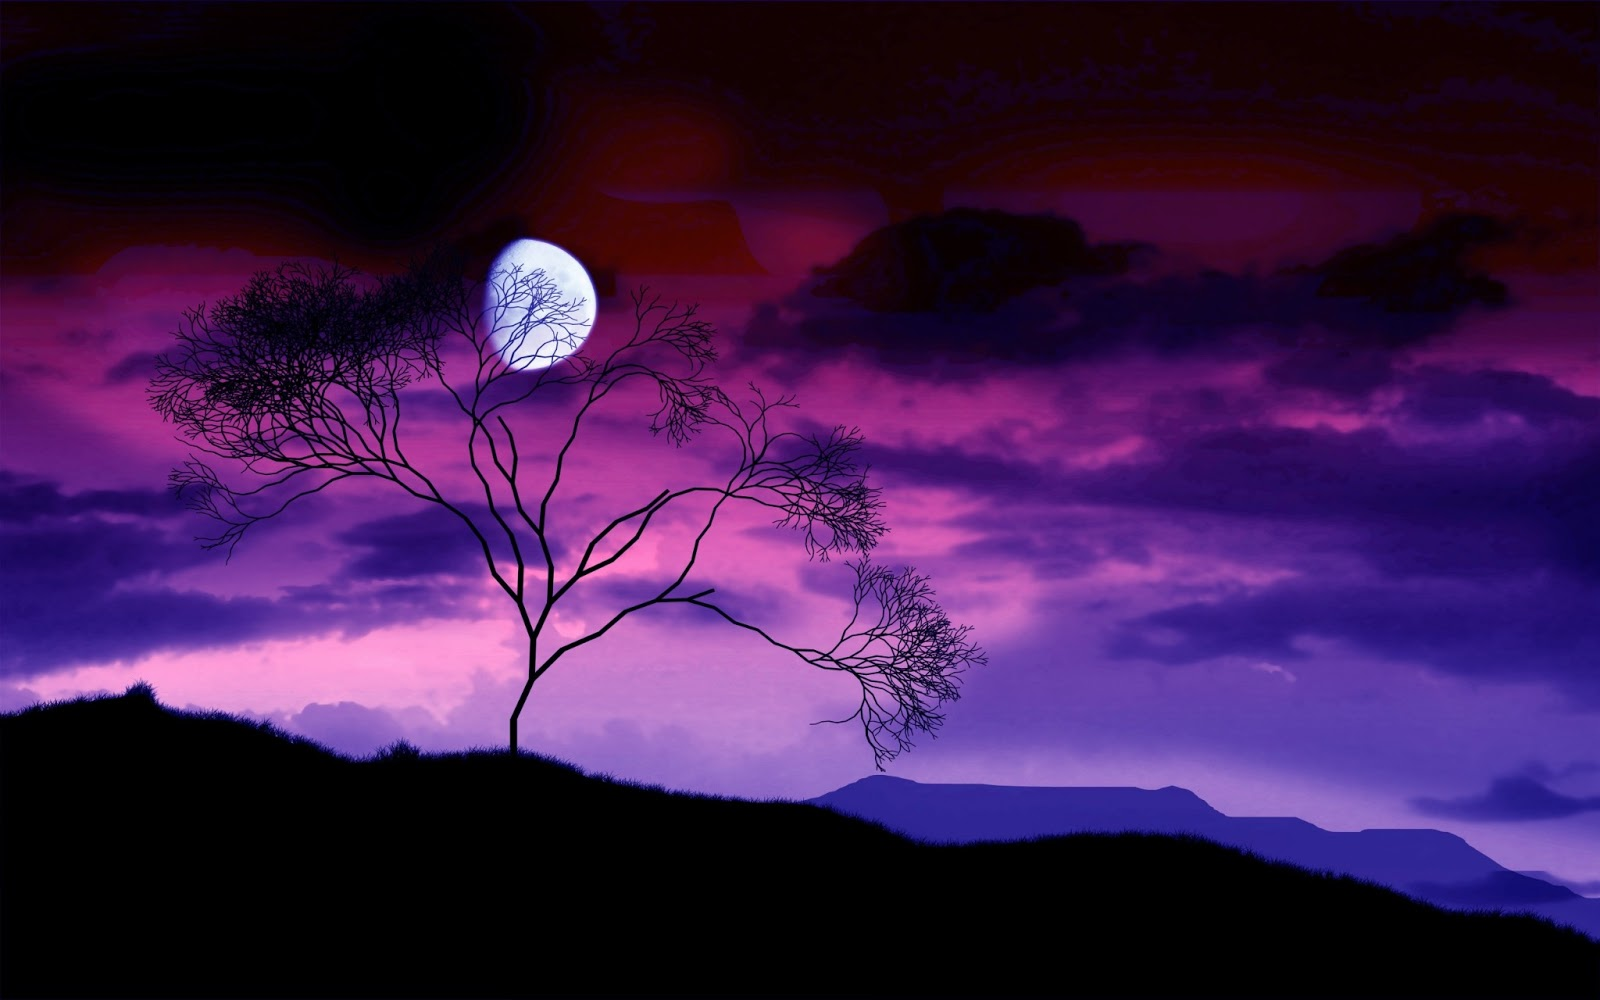 luna espiritual